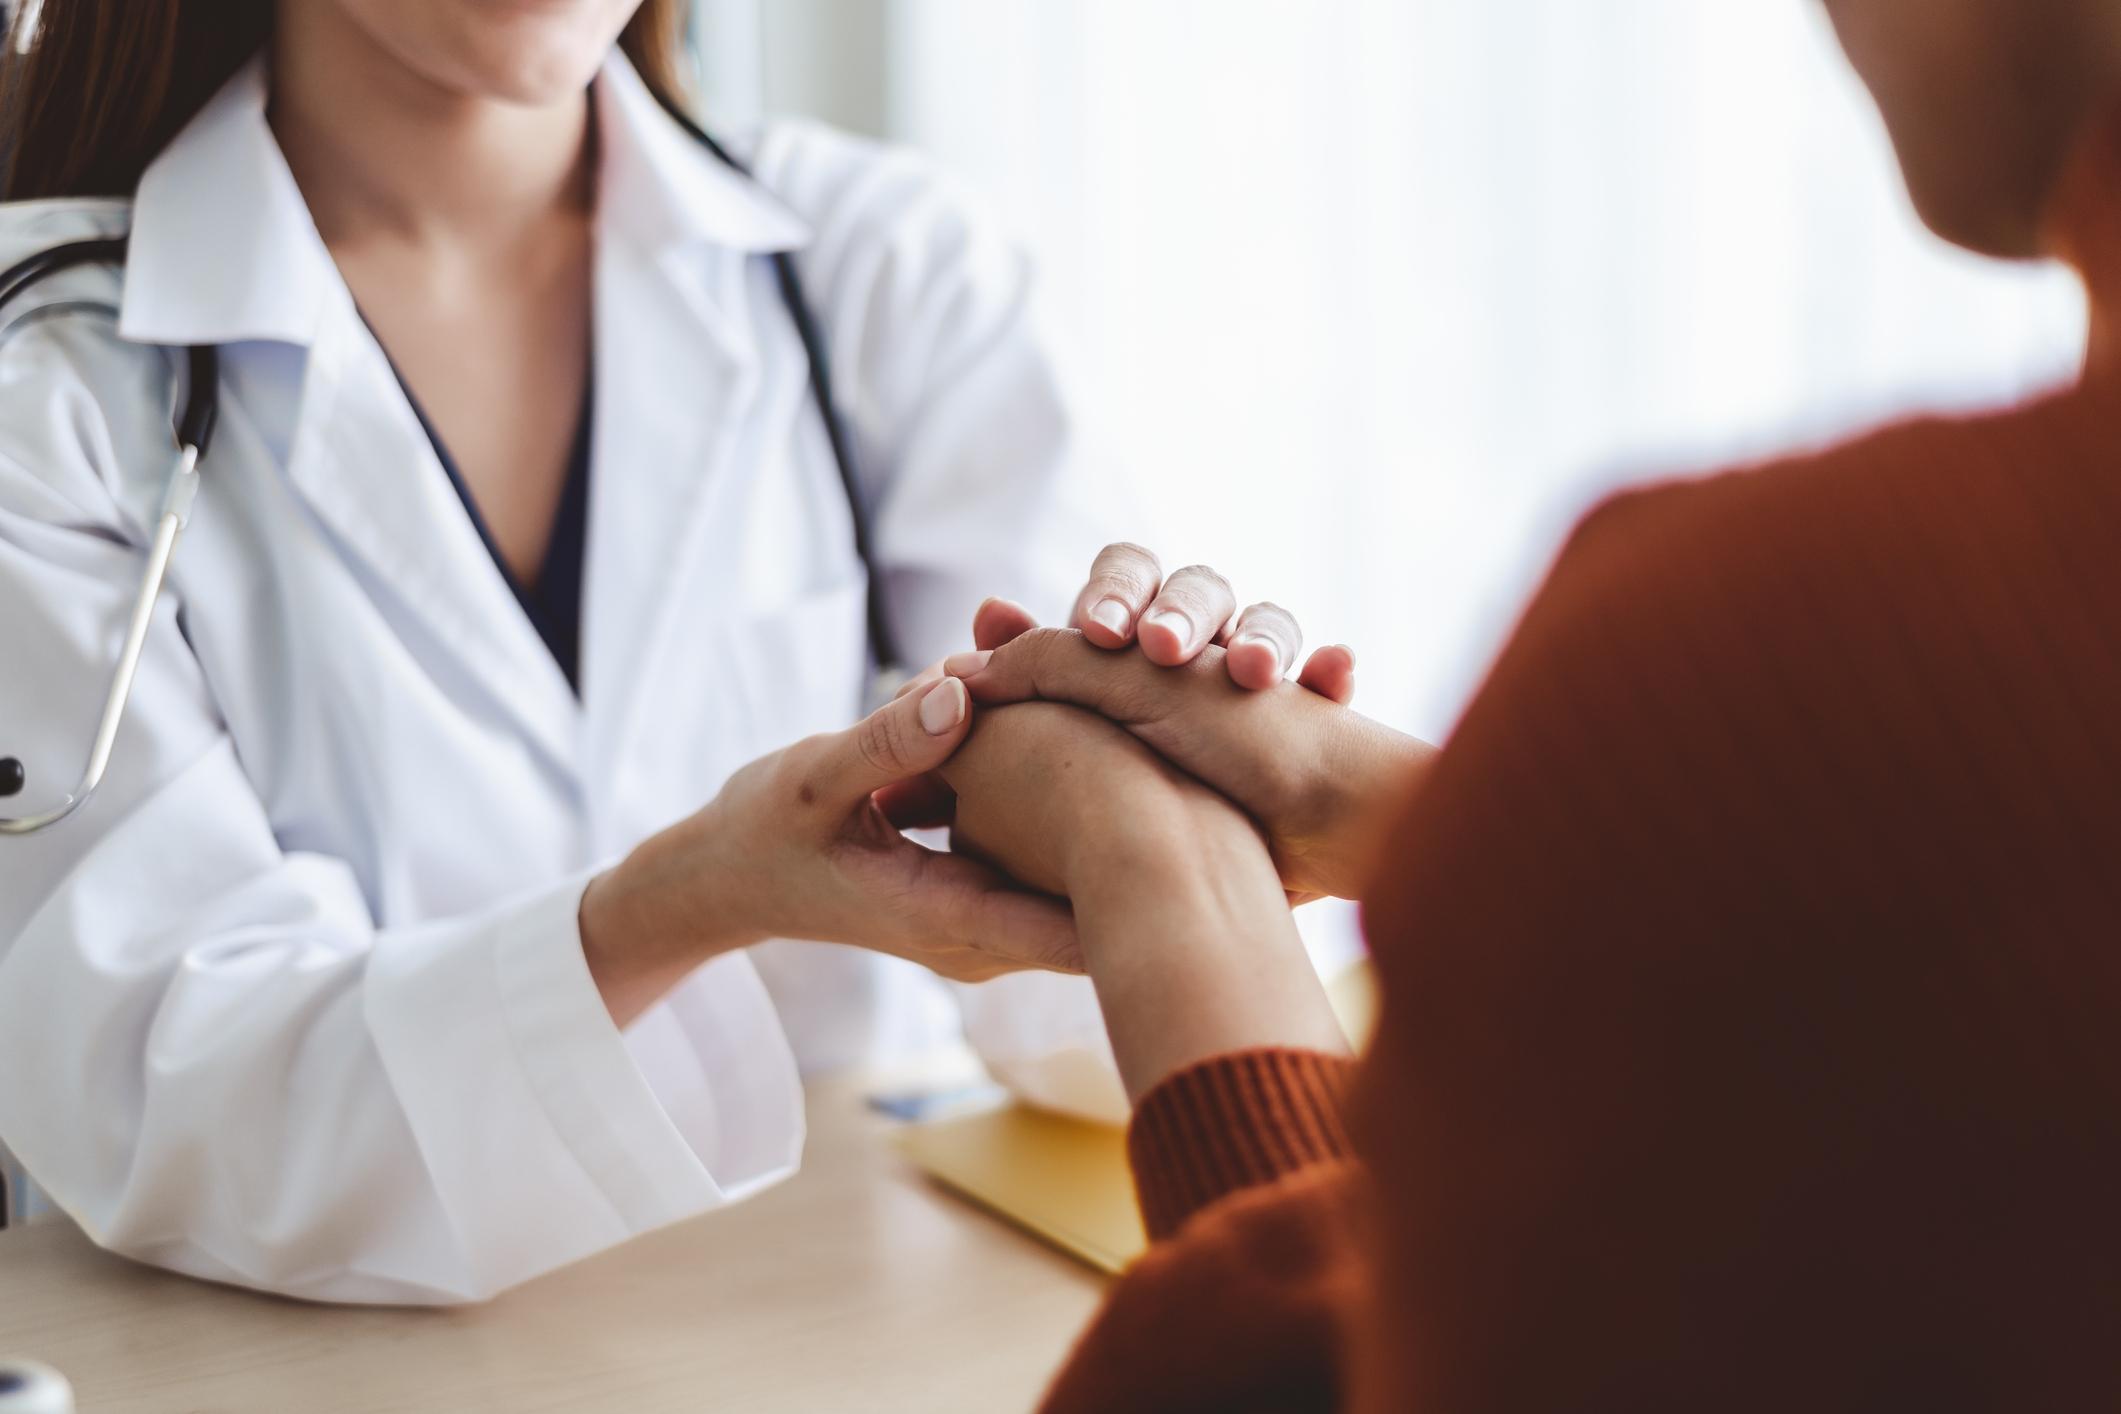 'Imunoterapija je značajna prekretnica u liječenu zloćudnih bolesti s razvojem više imunoloških stanica kao terapijskih alata.'